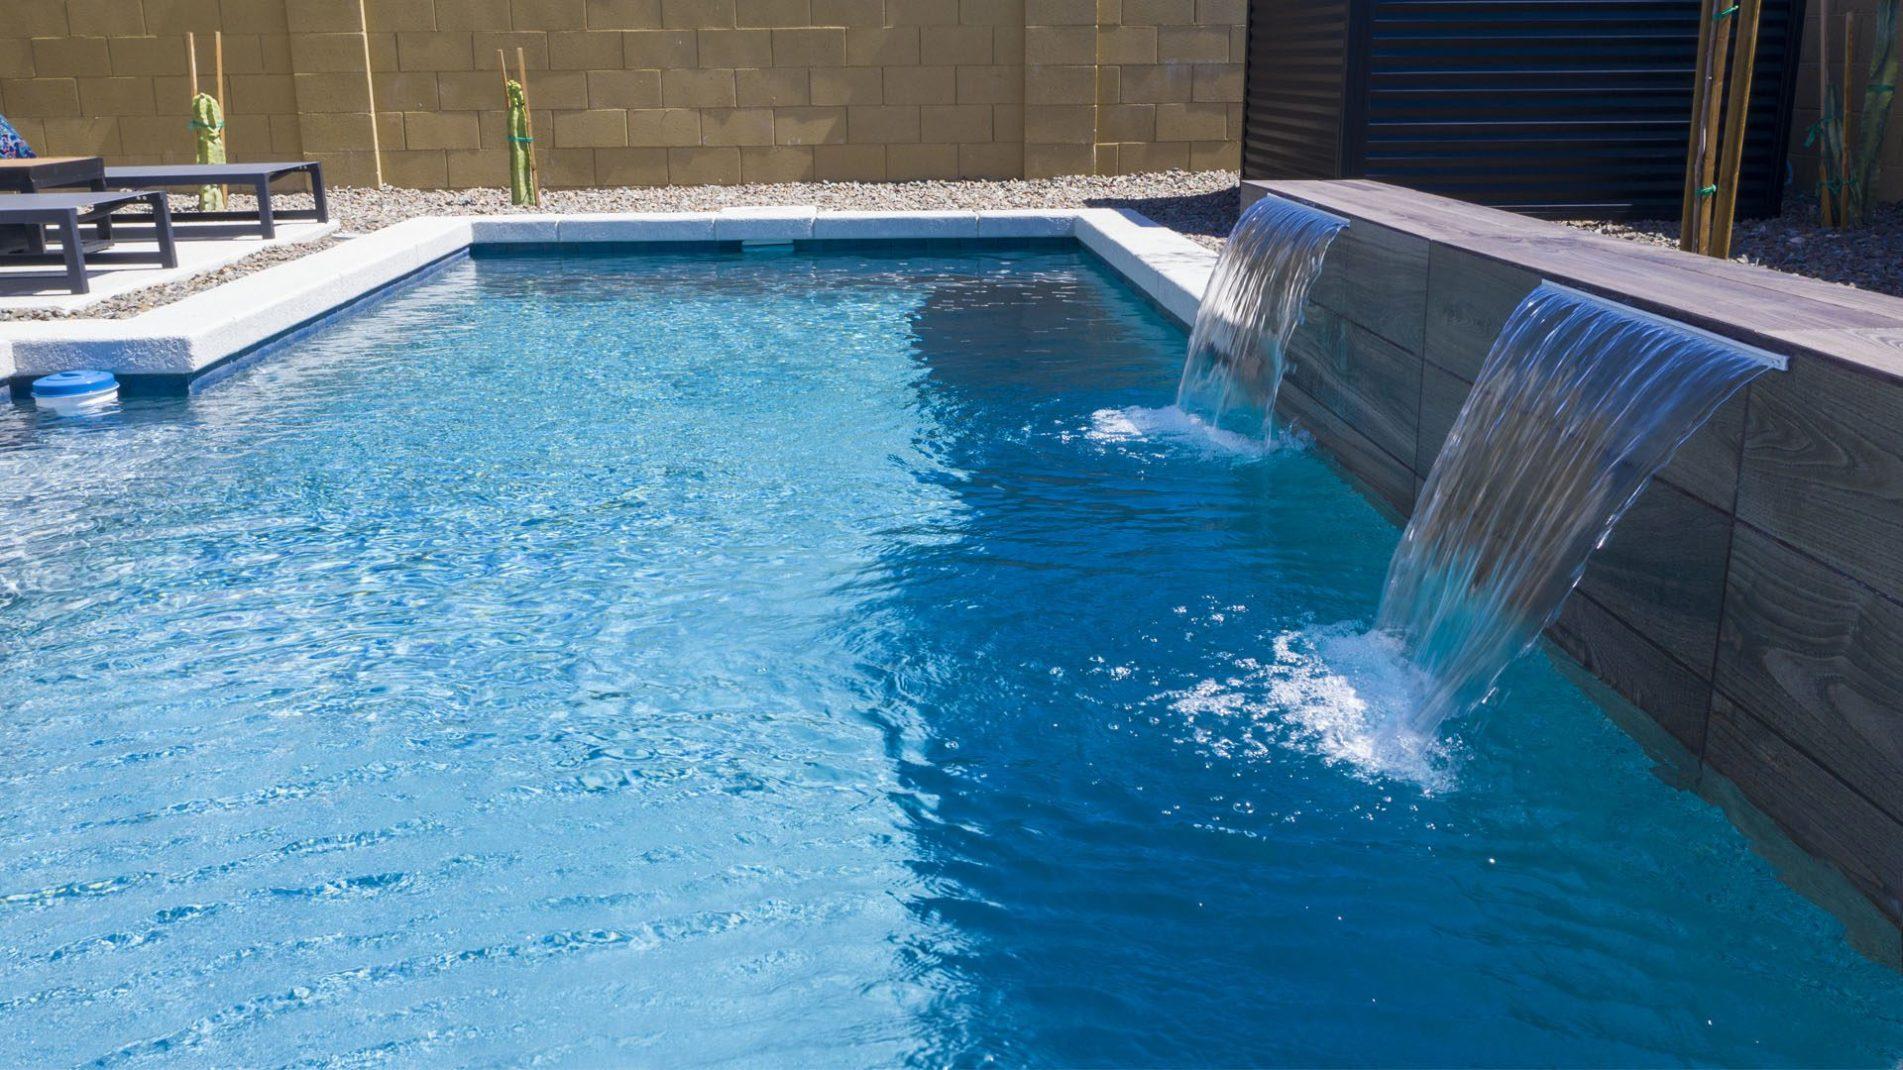 Pyramid Peak Pool Water Features